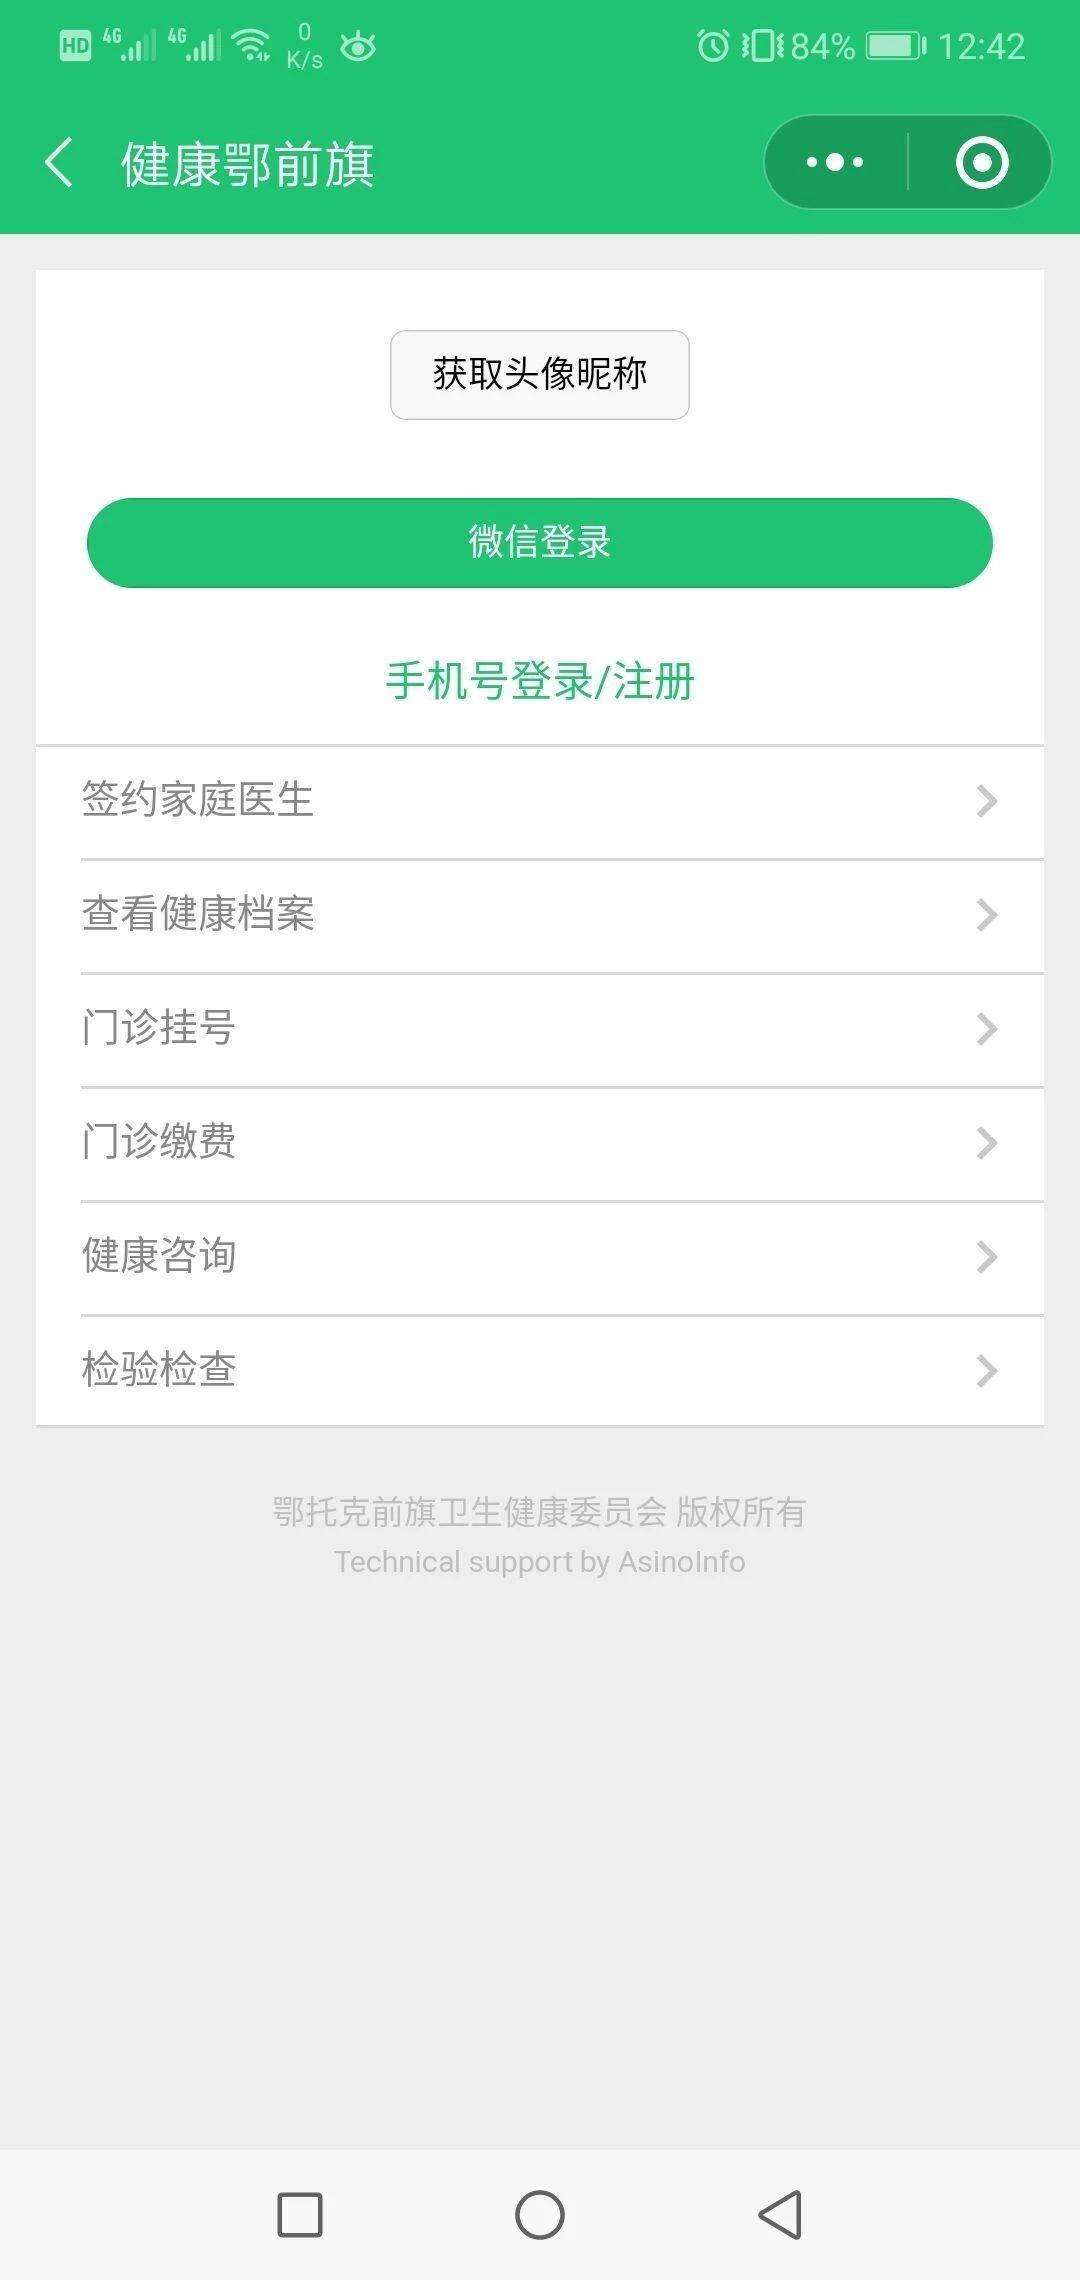 云市場短信接口 | 微信服務平臺